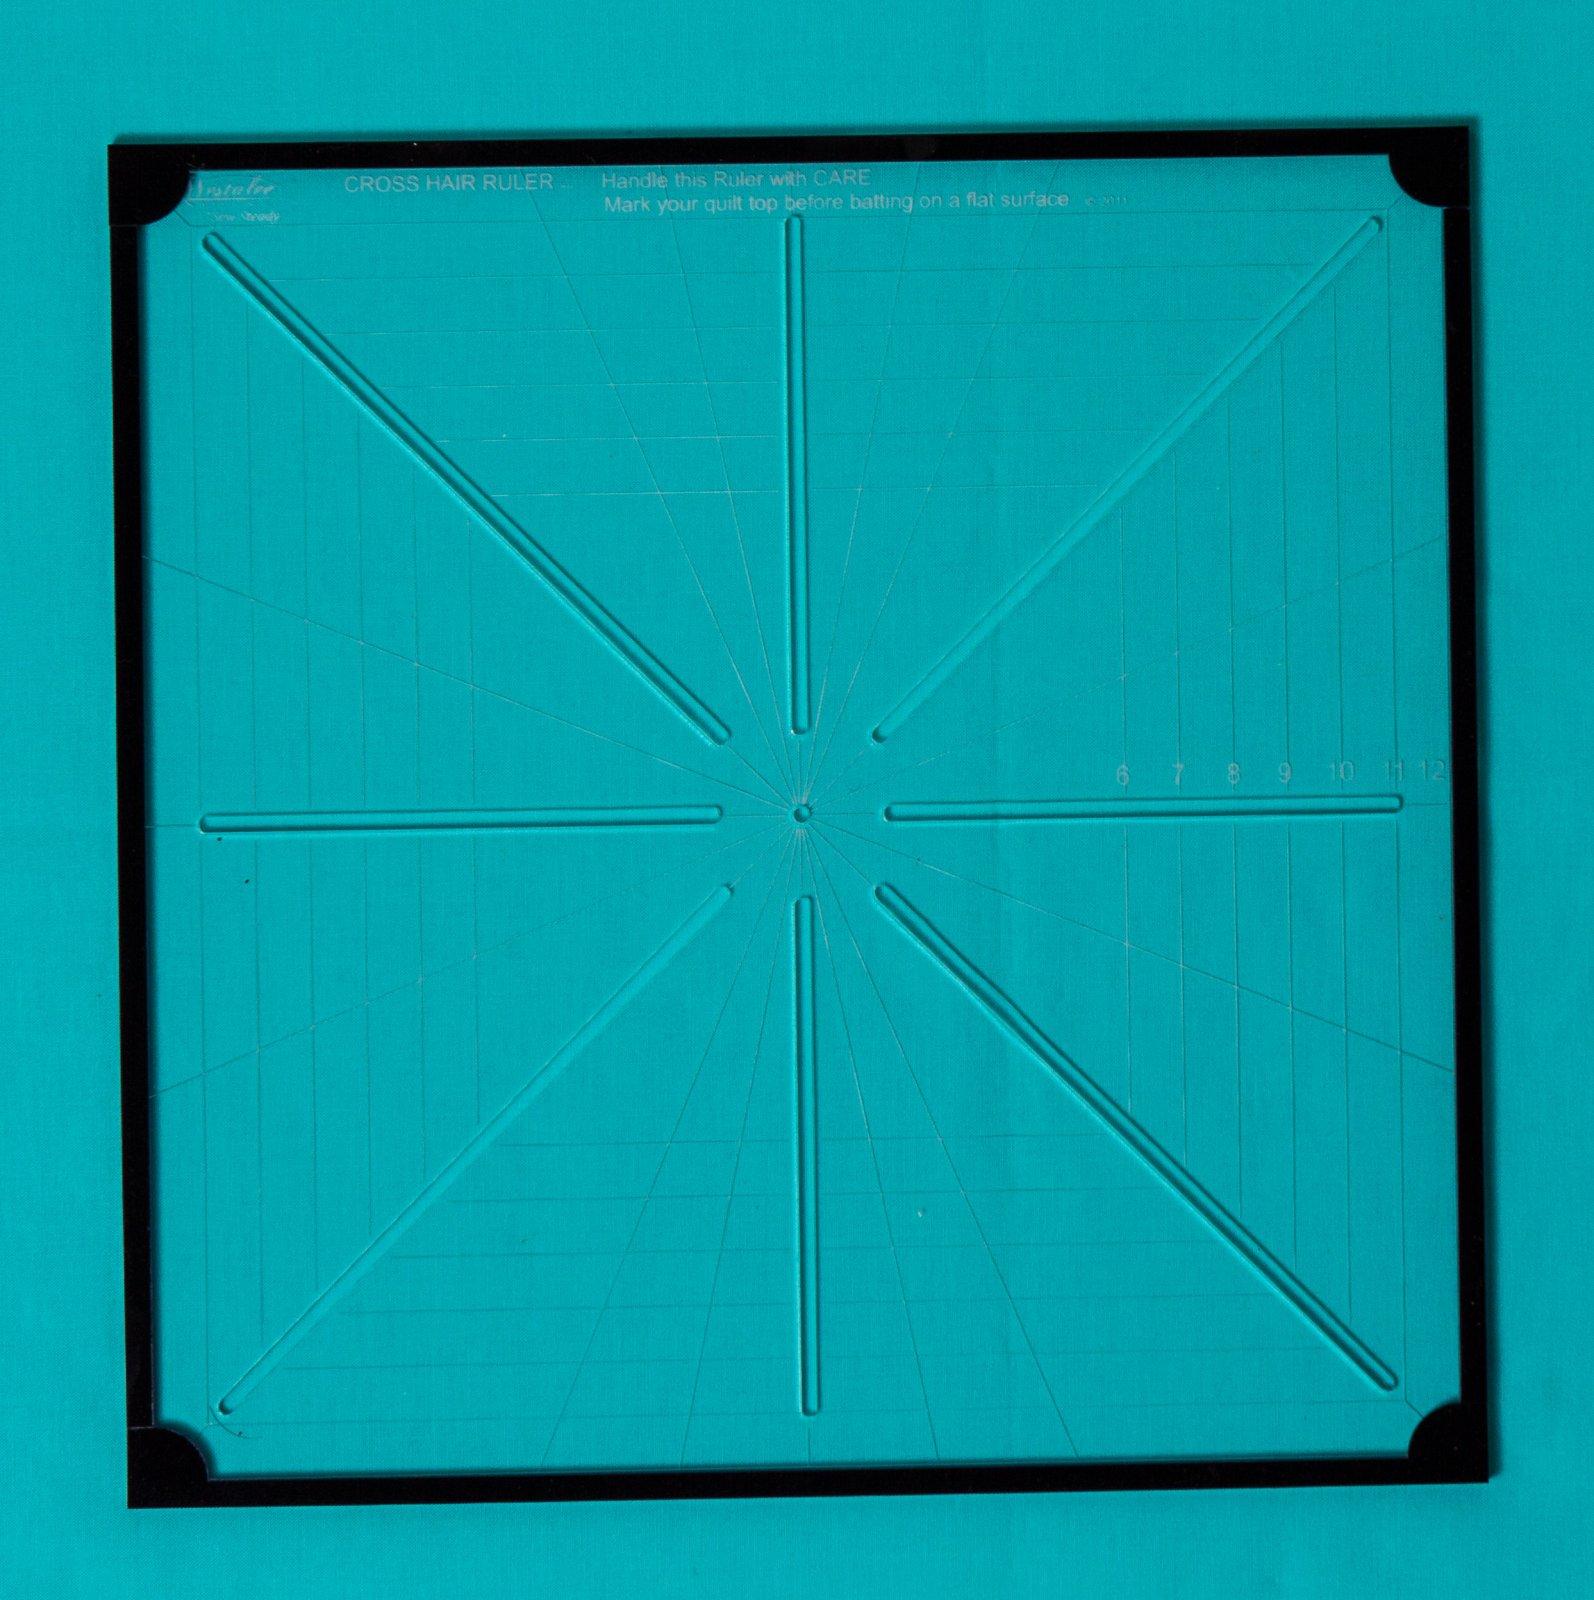 Westalee Cross Hair Square 6pt 8.5